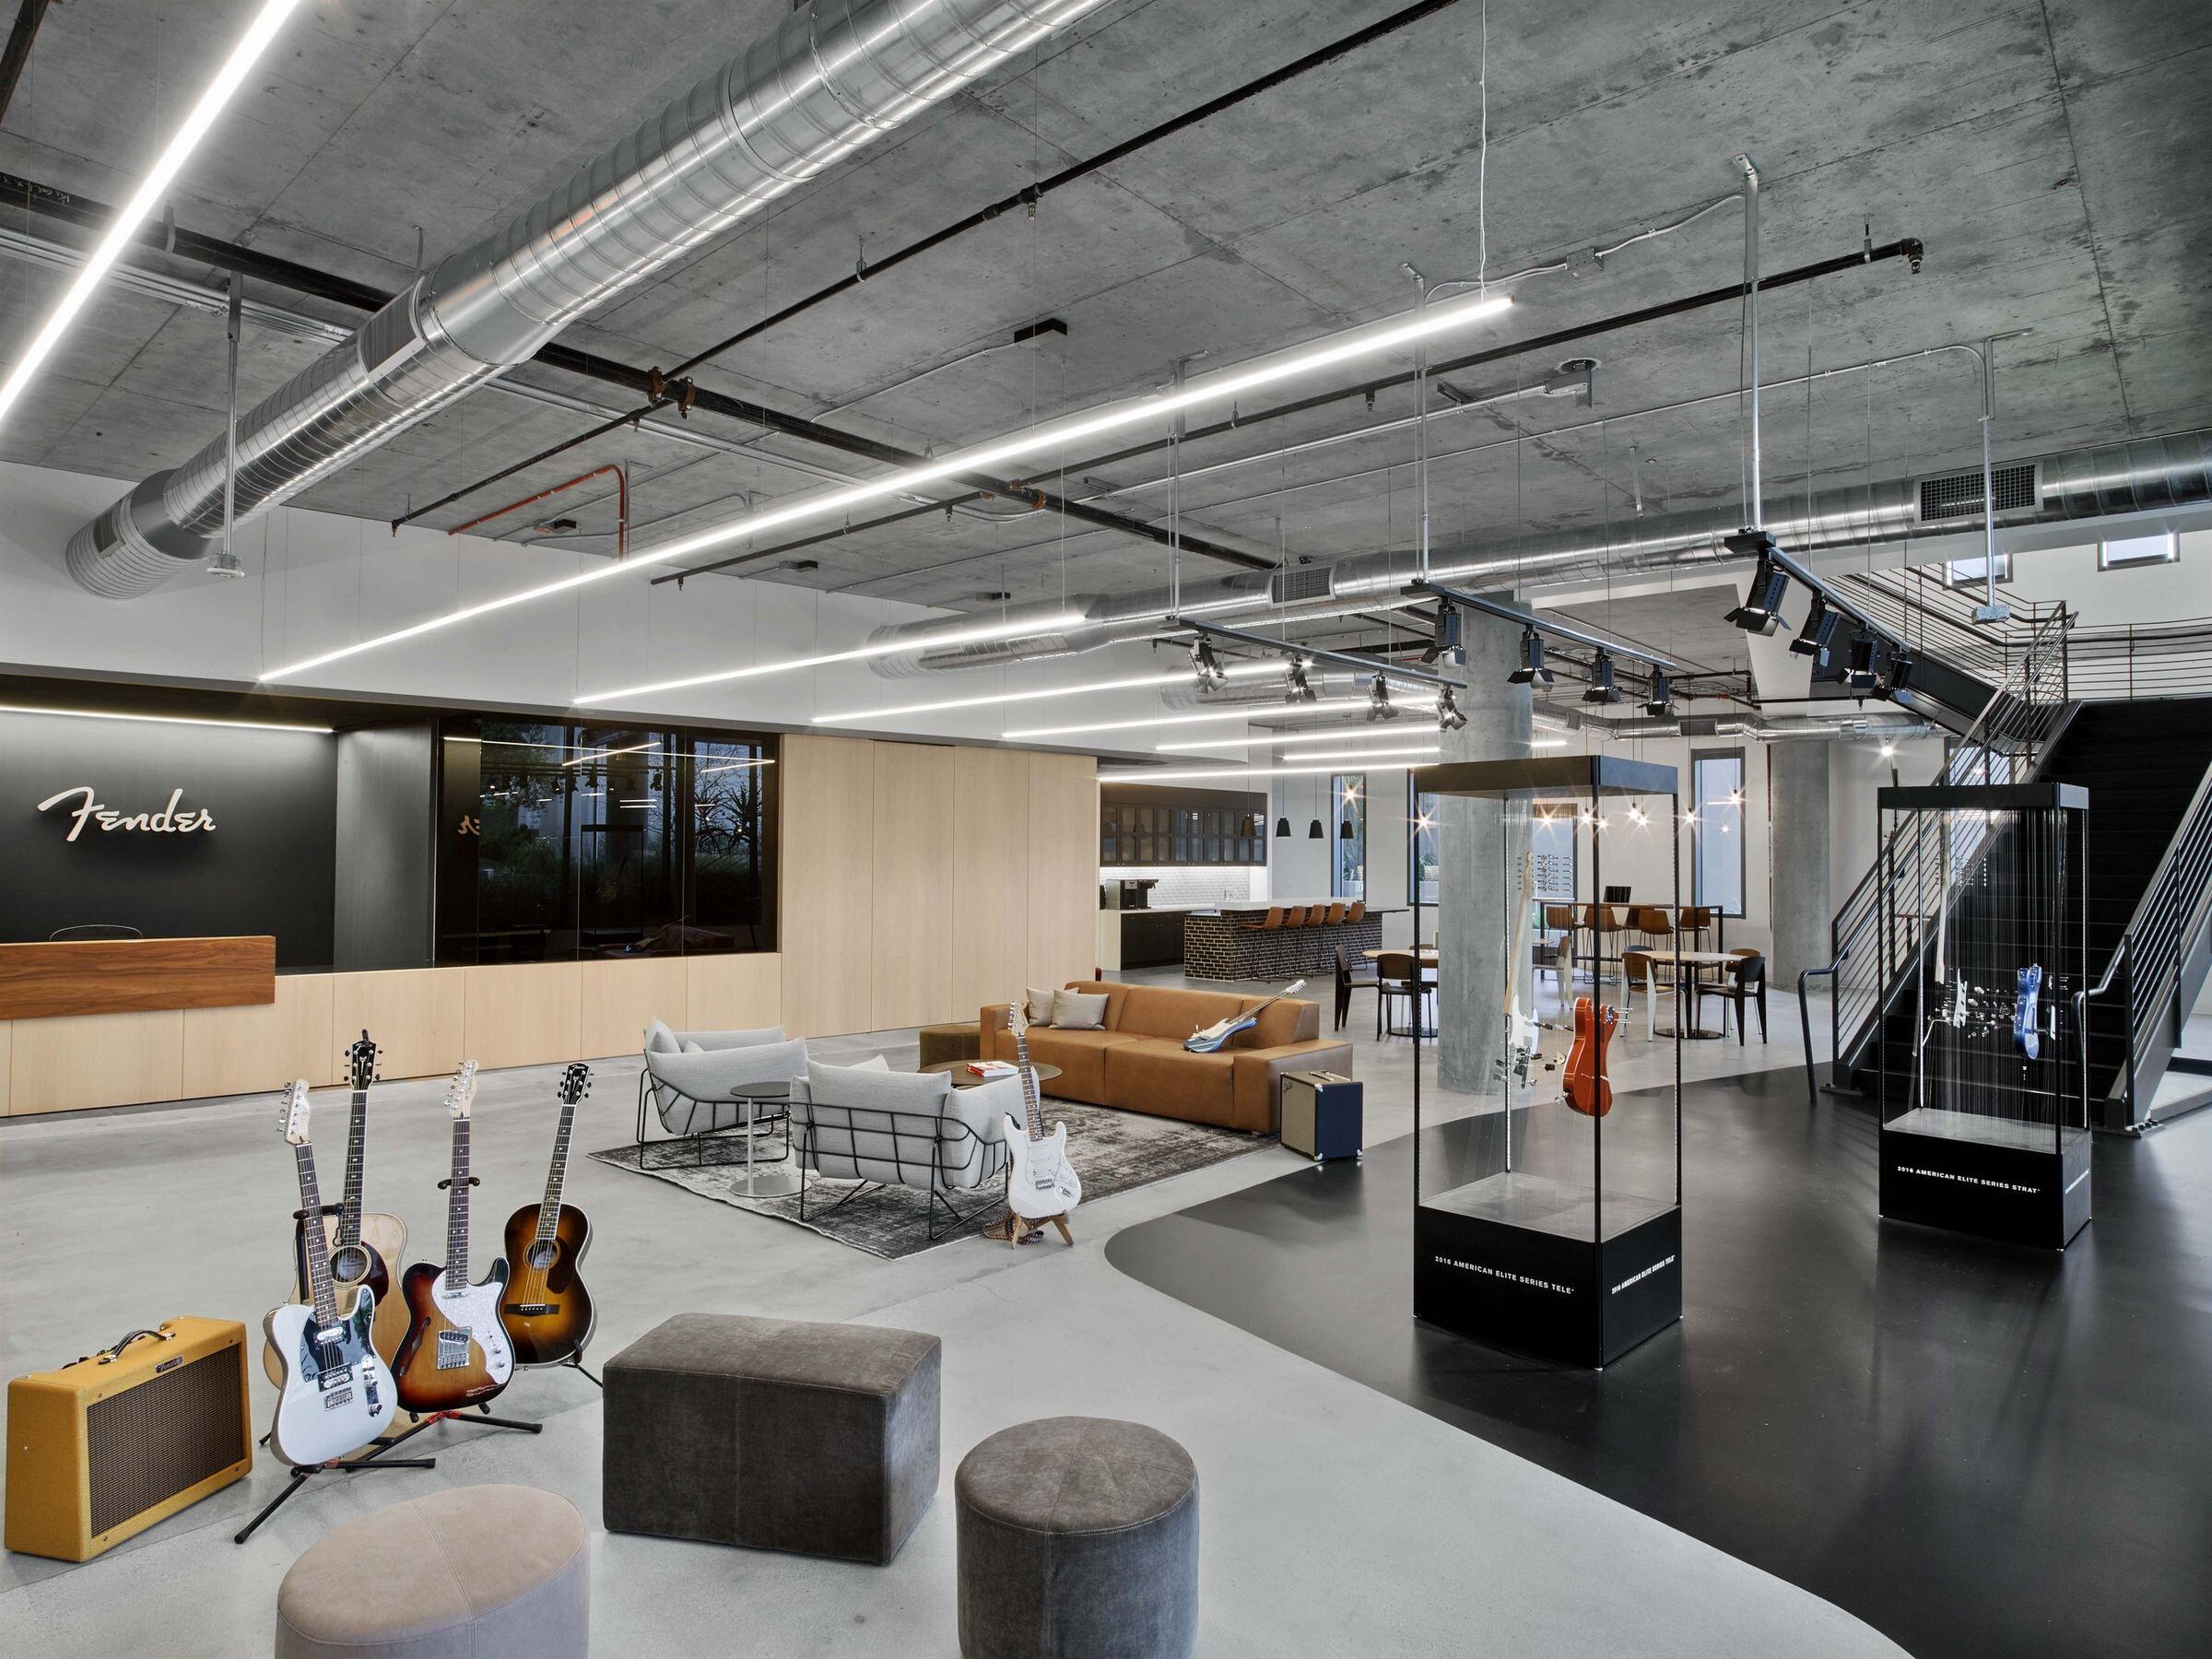 Fender HQ